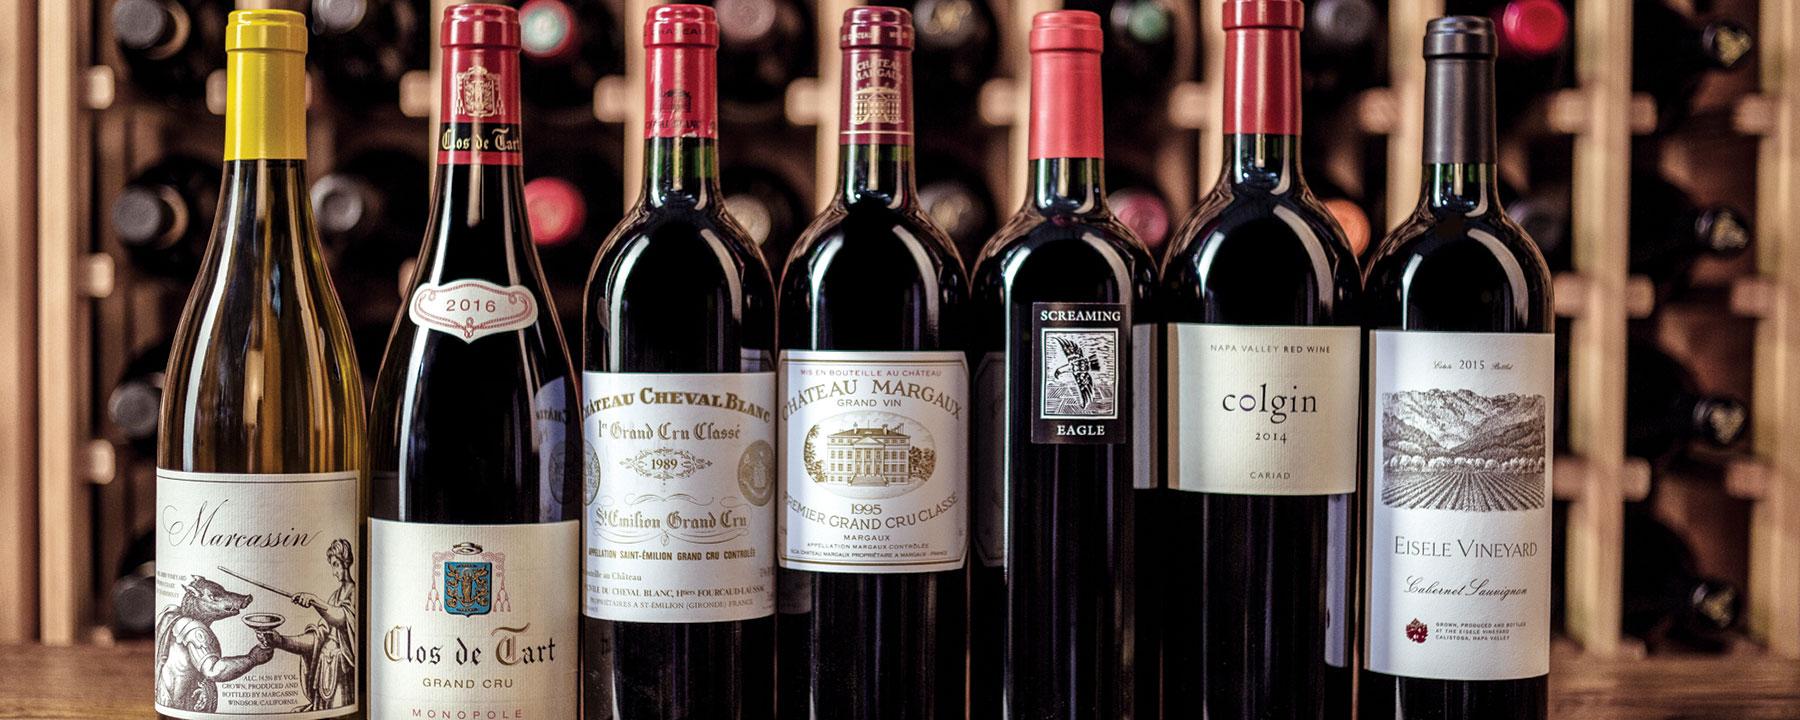 7 bottles of wine from porthos